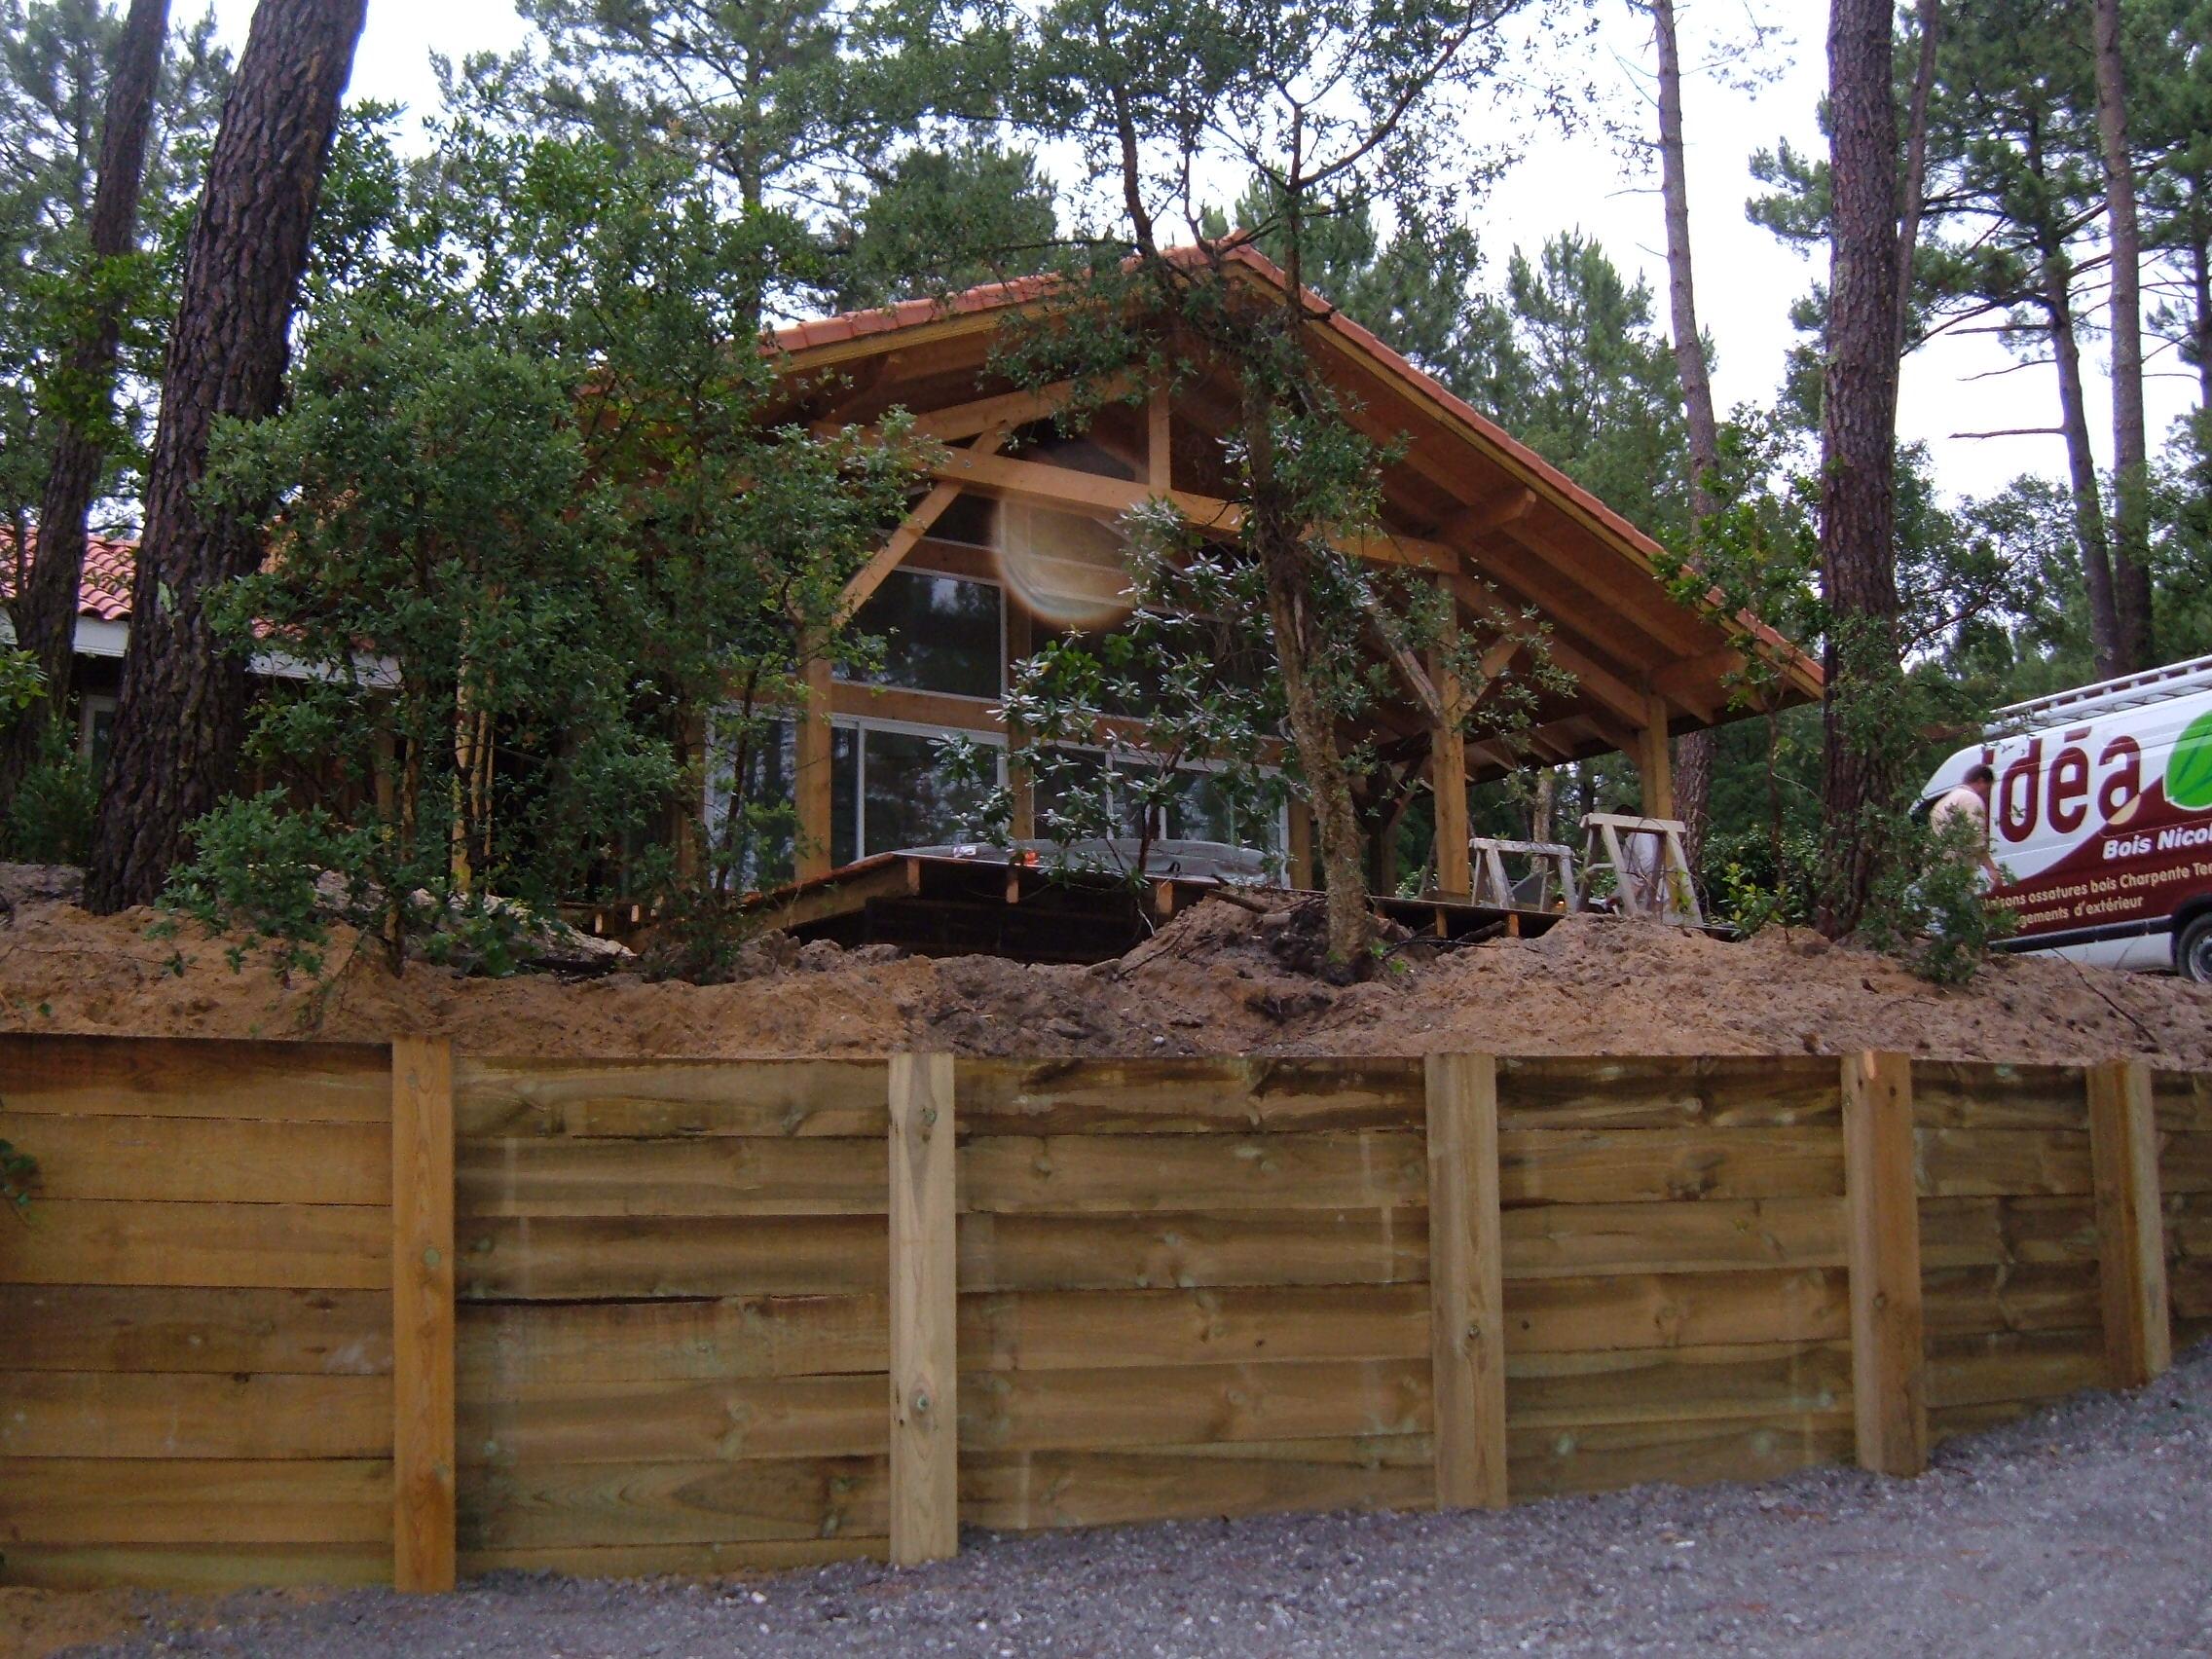 Poteau Bois 15 X 15 Cm Pour Retenue De Terre Autoclave Idea Bois